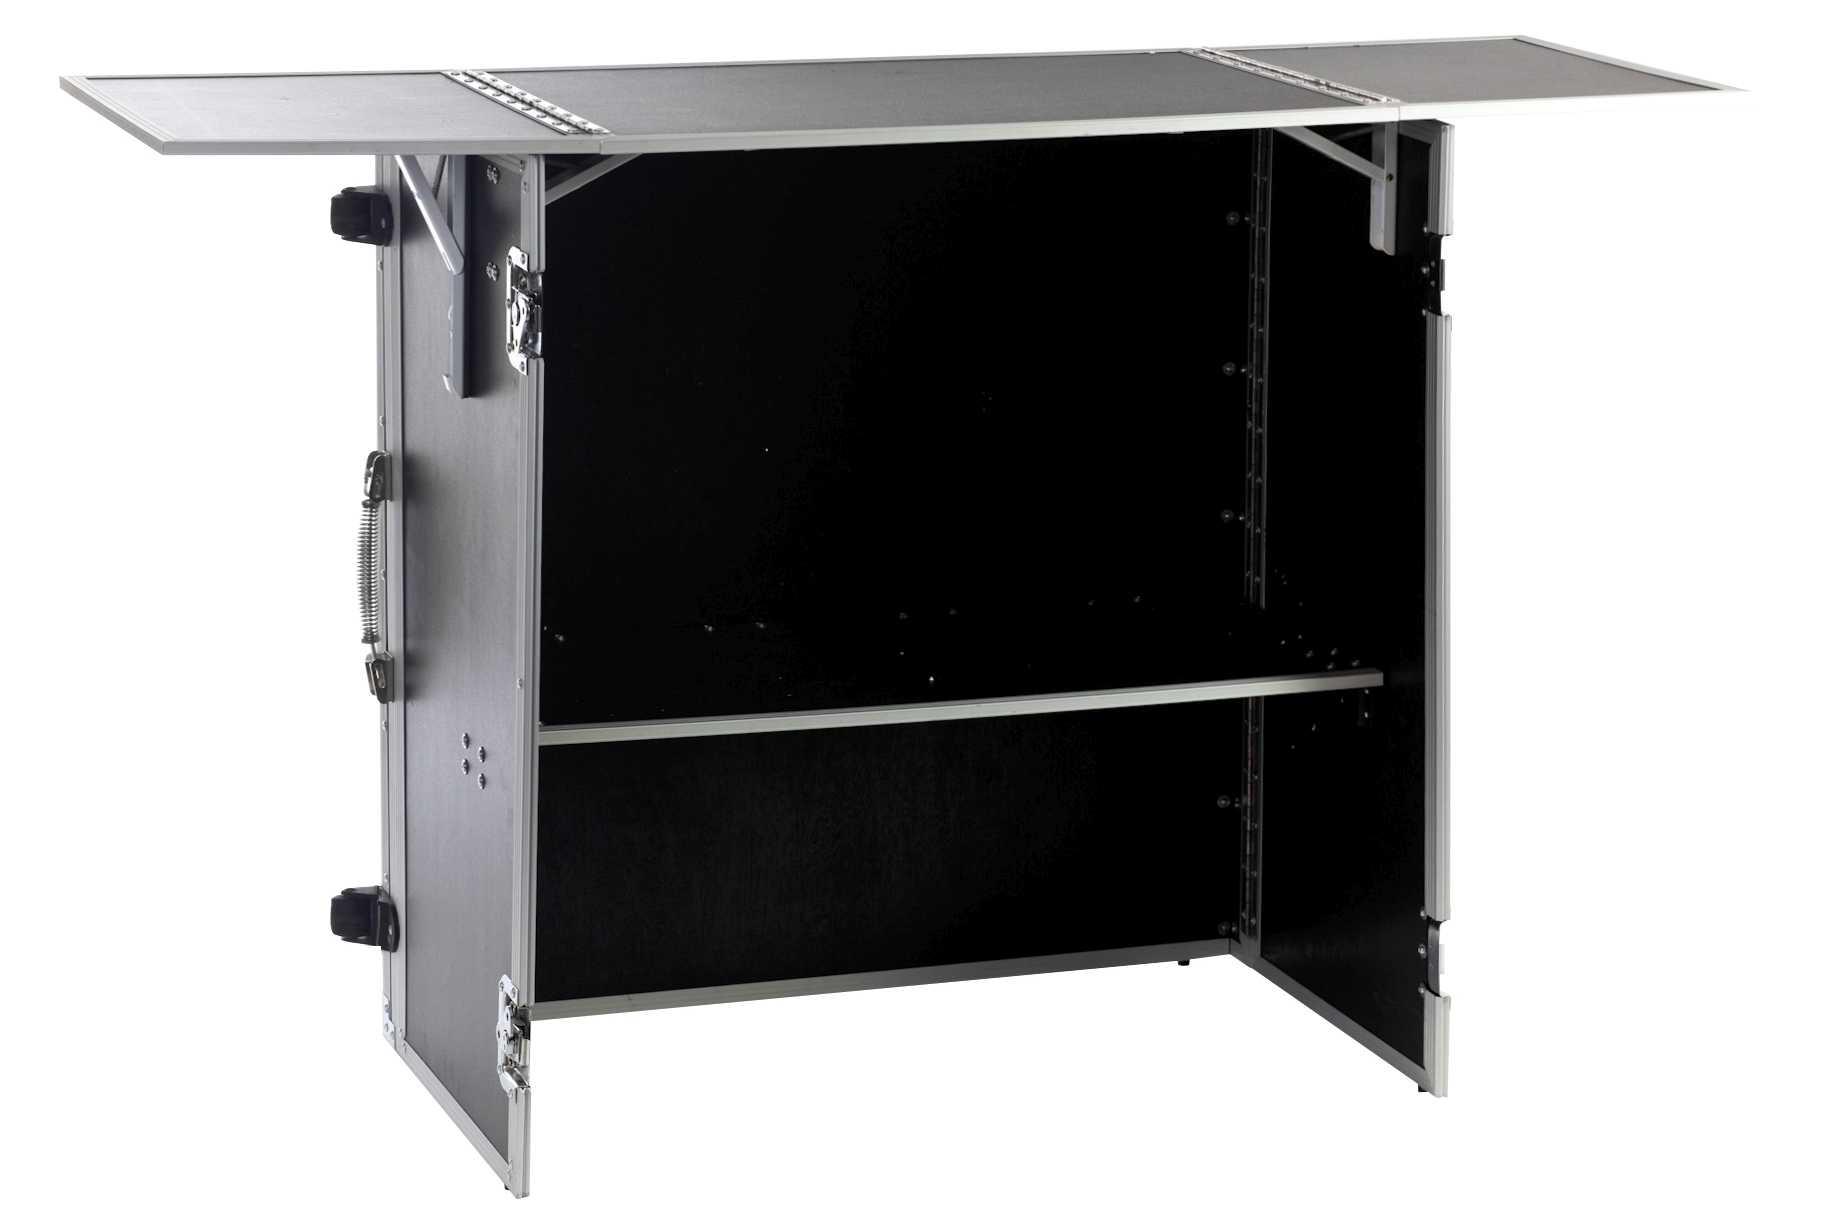 dj tisch zusammenklappbar portabler dj tisch case info. Black Bedroom Furniture Sets. Home Design Ideas